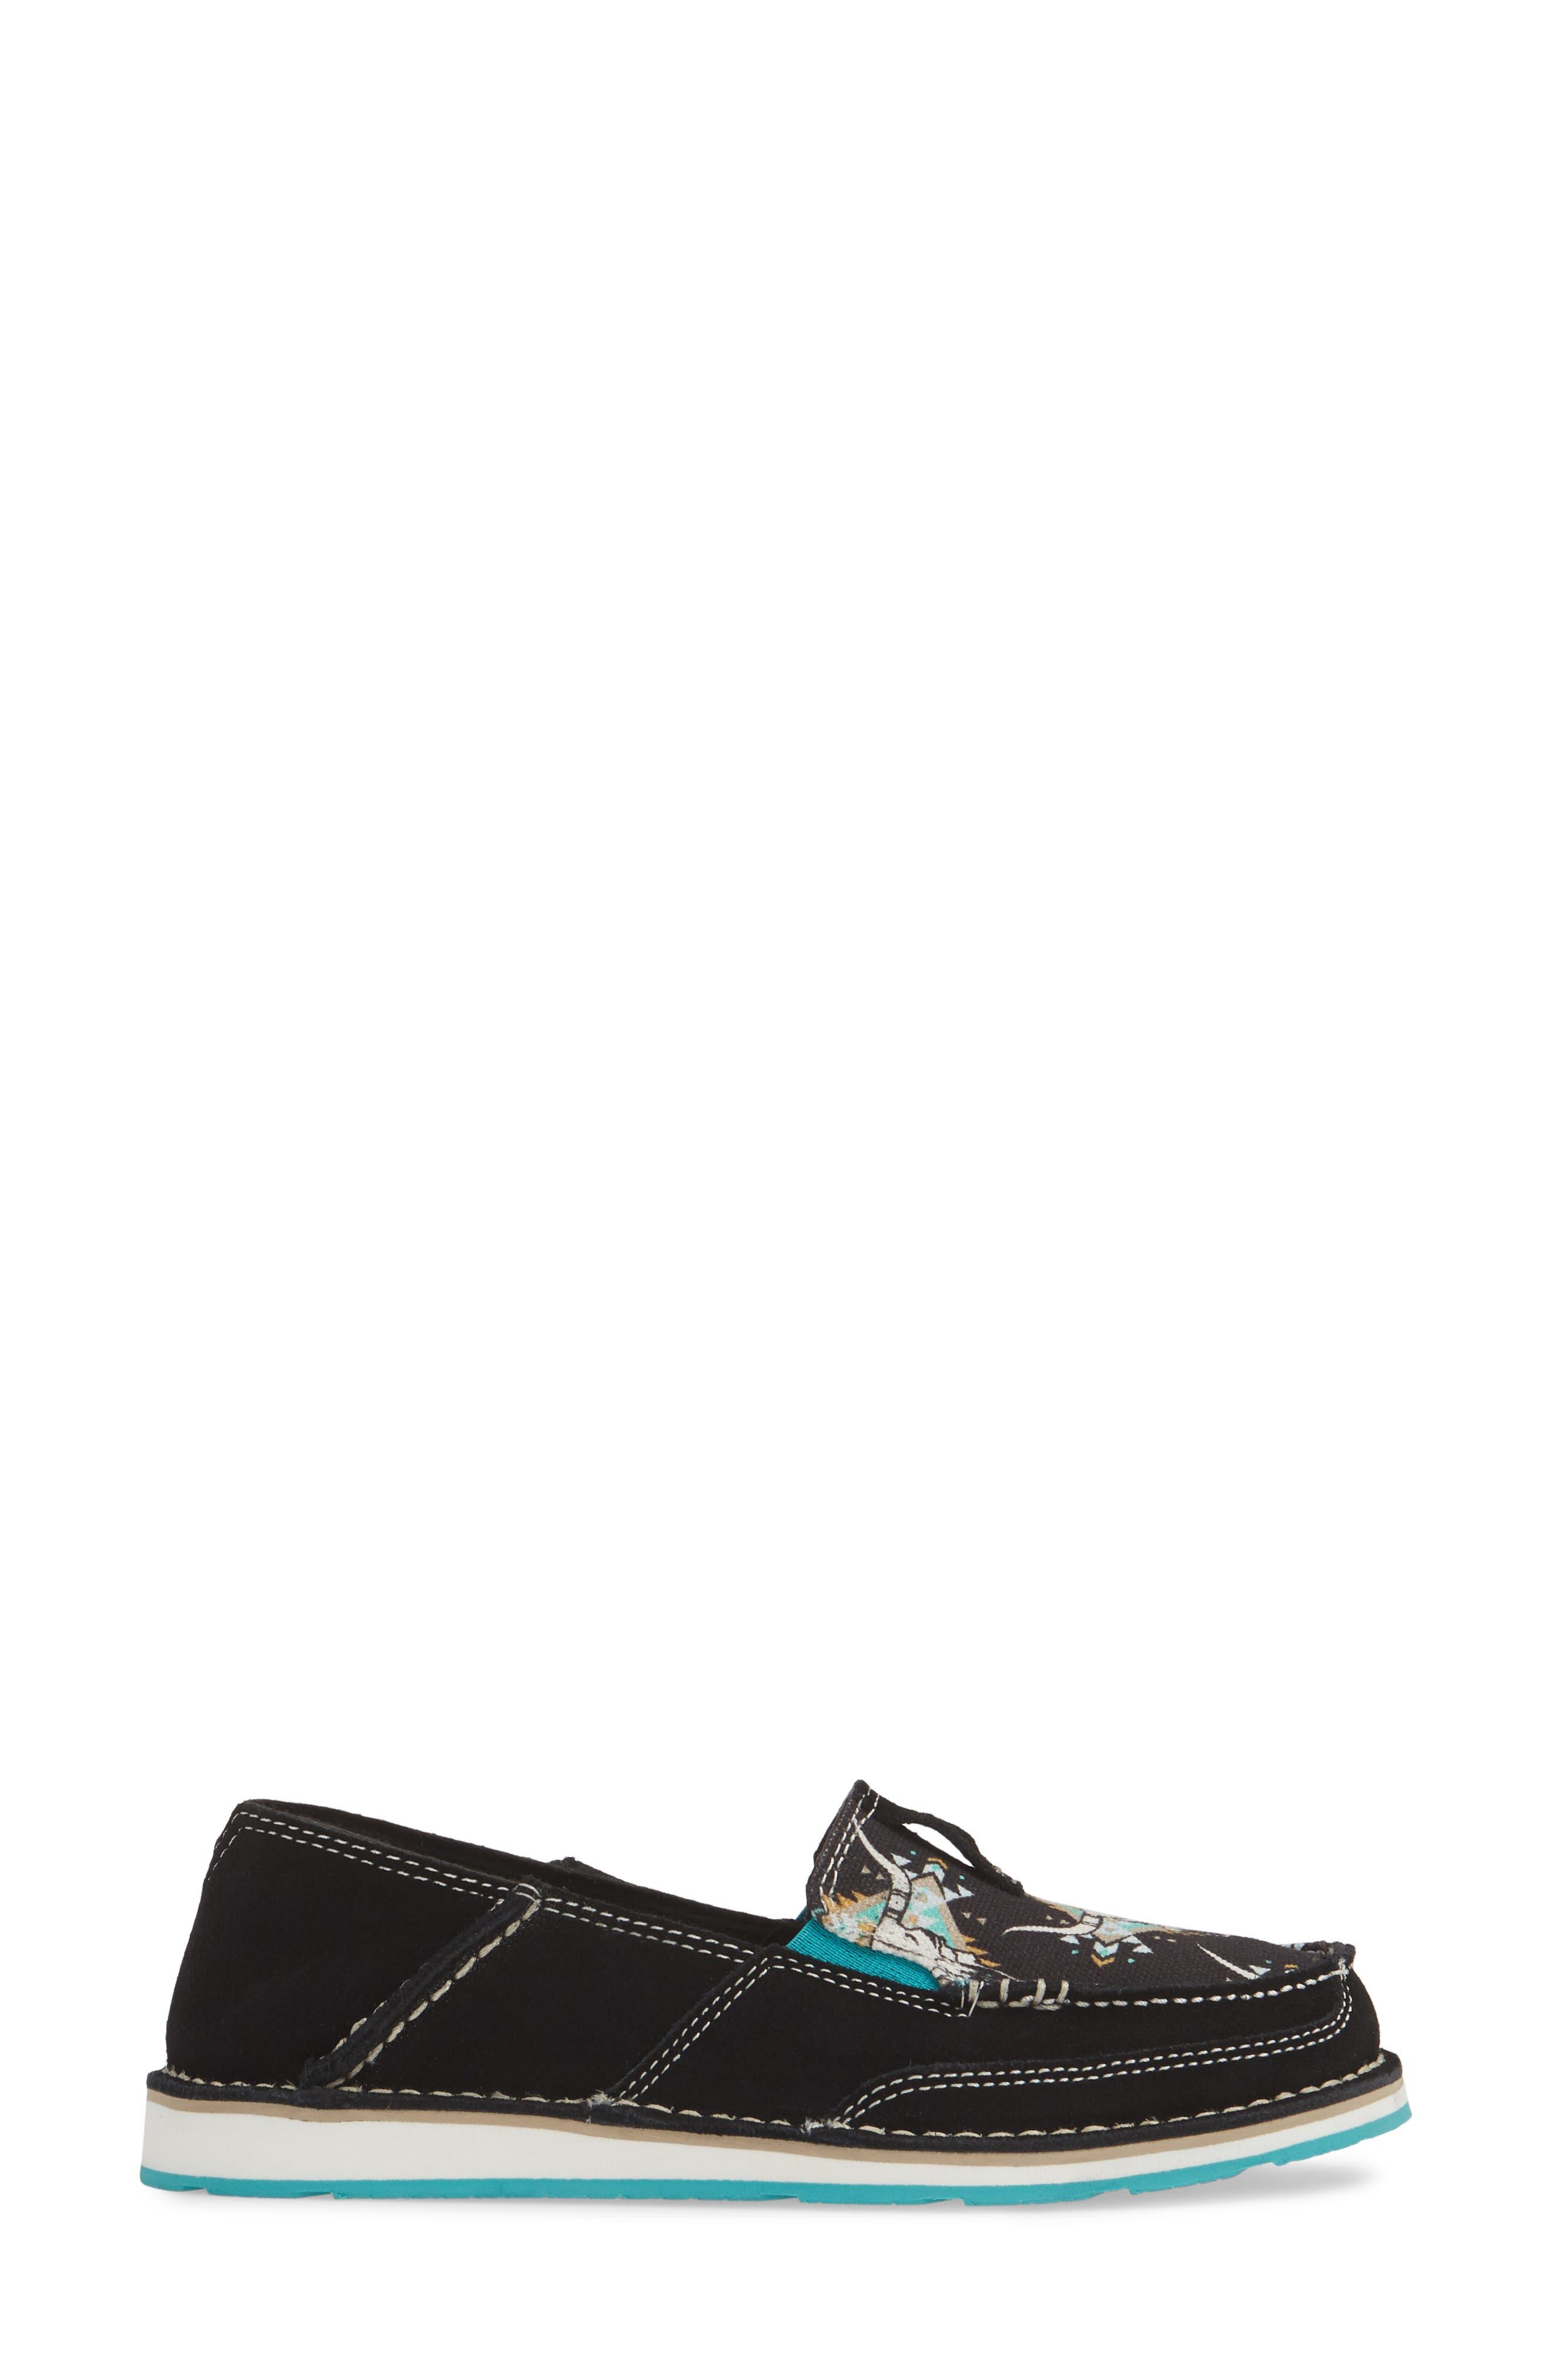 ARIAT, Cruiser Slip-On Loafer, Alternate thumbnail 3, color, BLACK STEER LEATHER